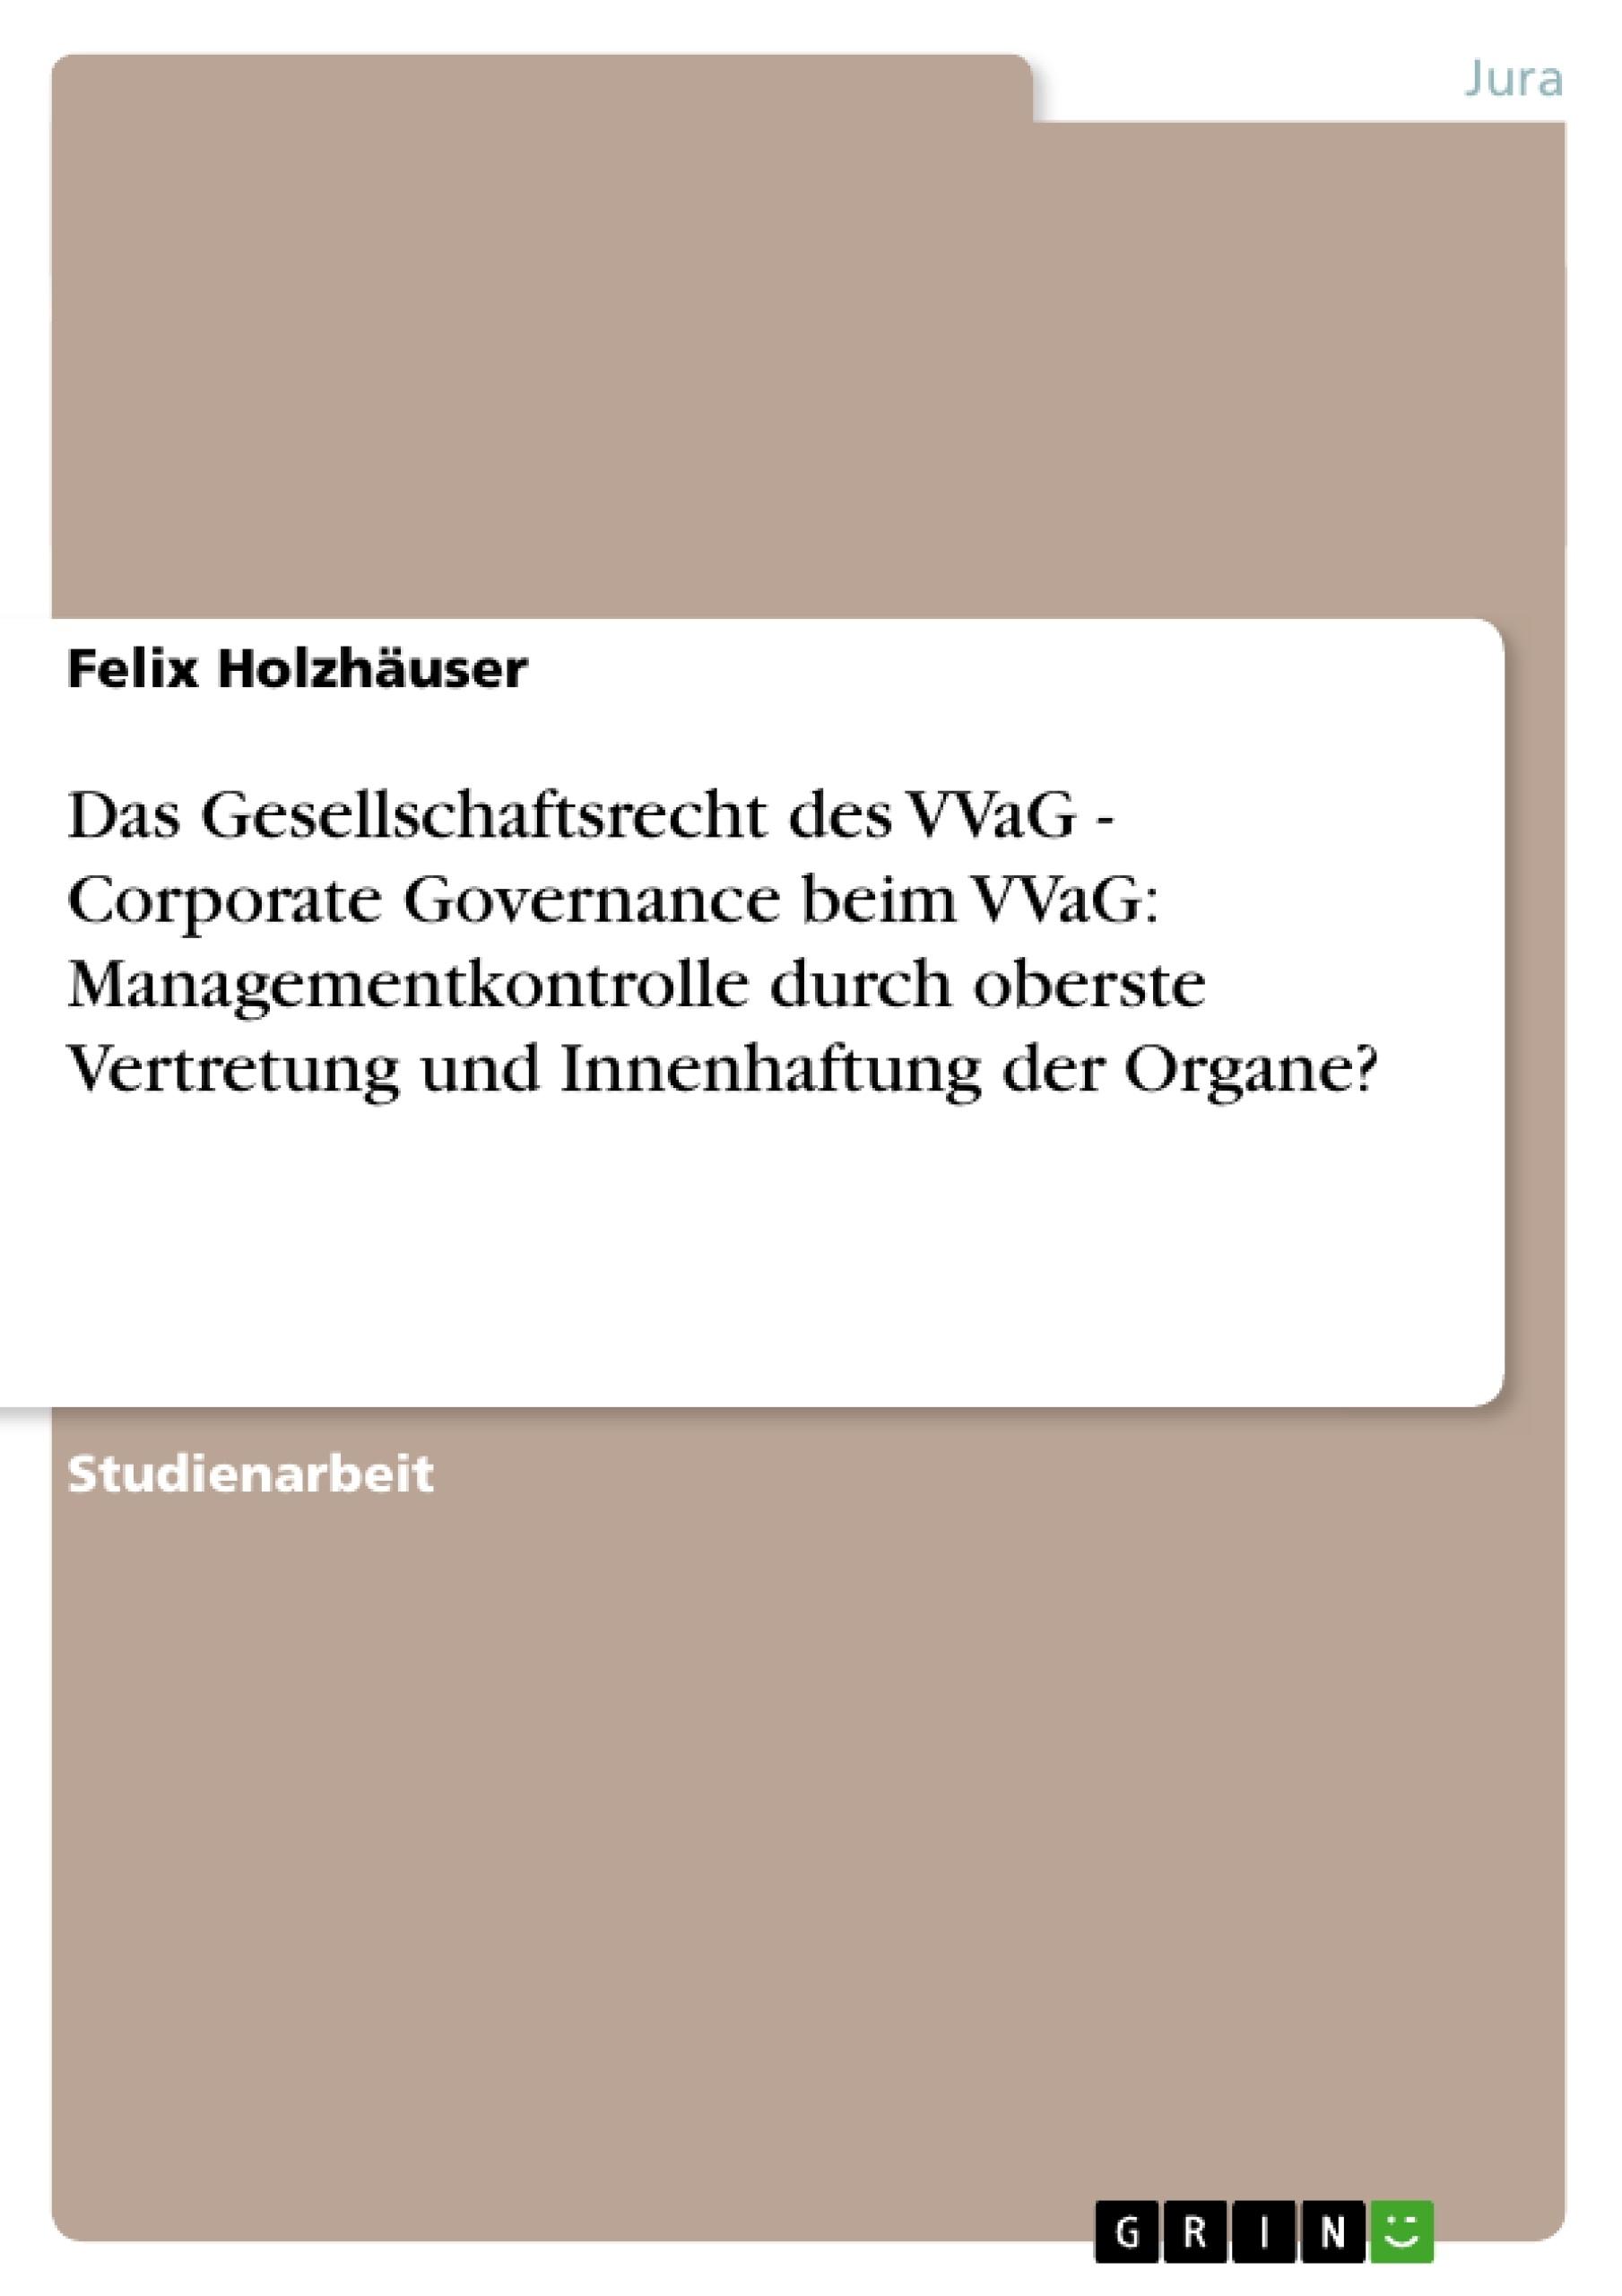 Titel: Das Gesellschaftsrecht des VVaG - Corporate Governance beim VVaG: Managementkontrolle durch oberste Vertretung und Innenhaftung der Organe?